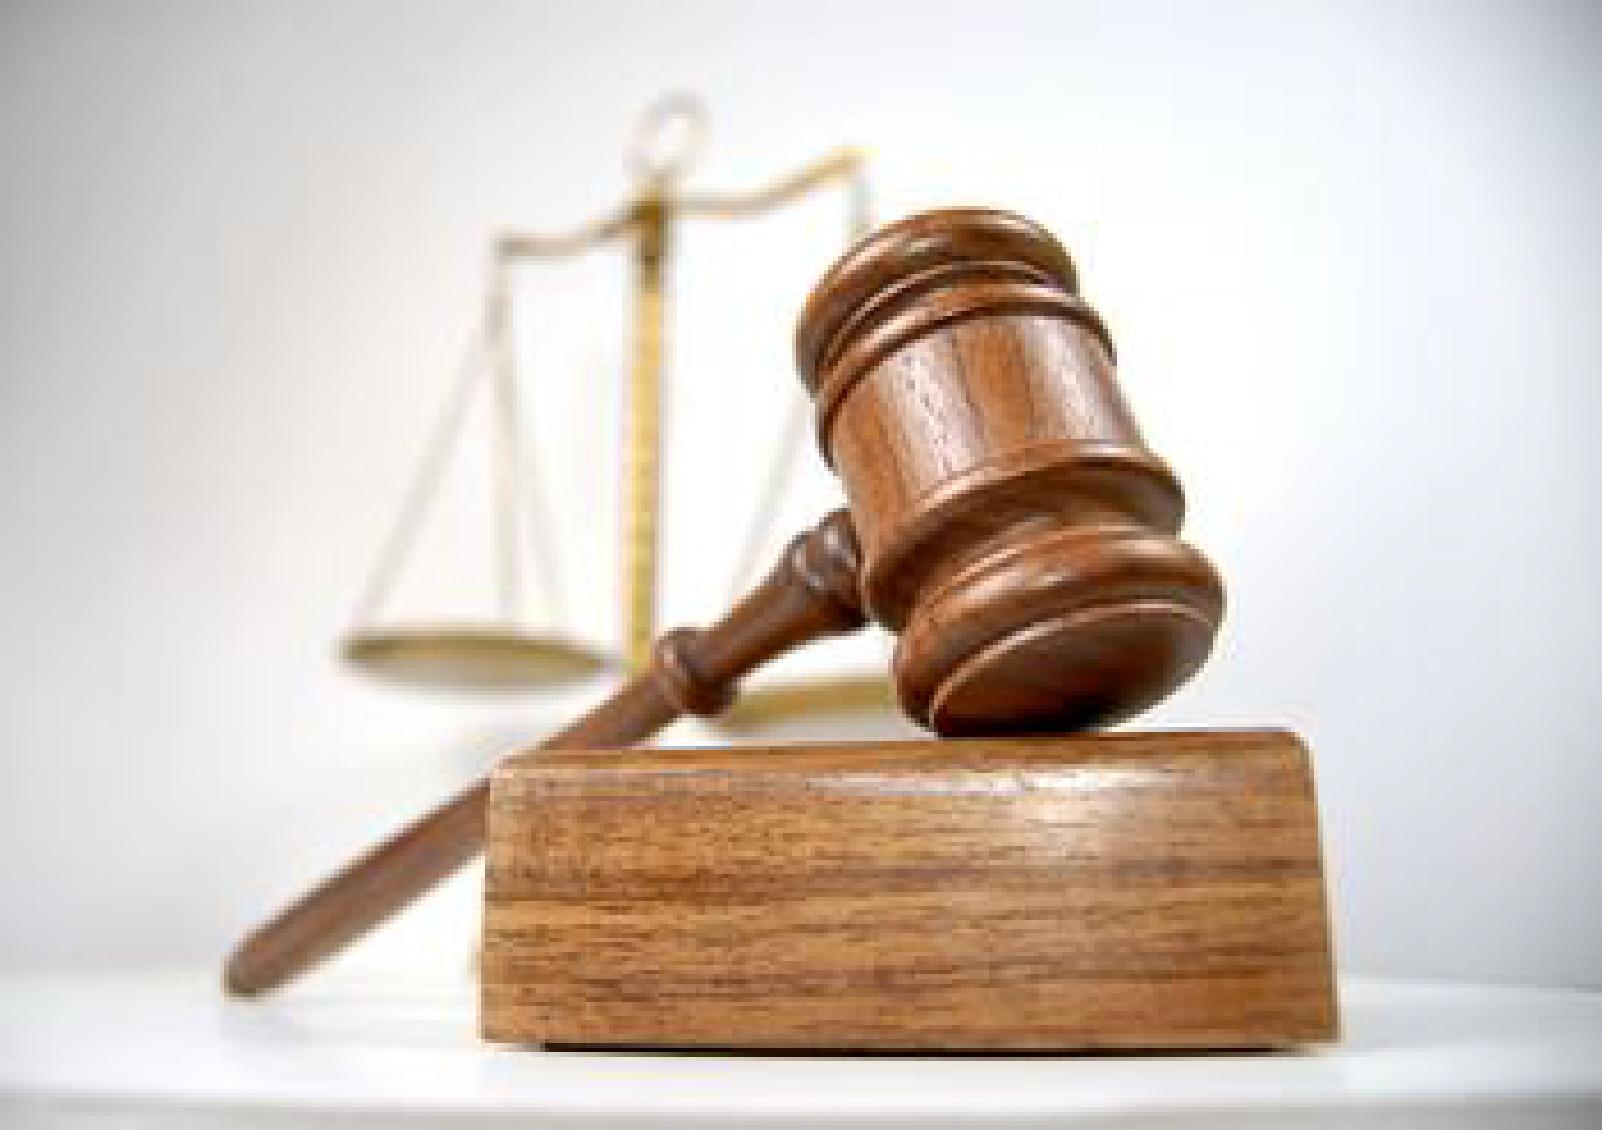 Bildergebnis für rule of law images